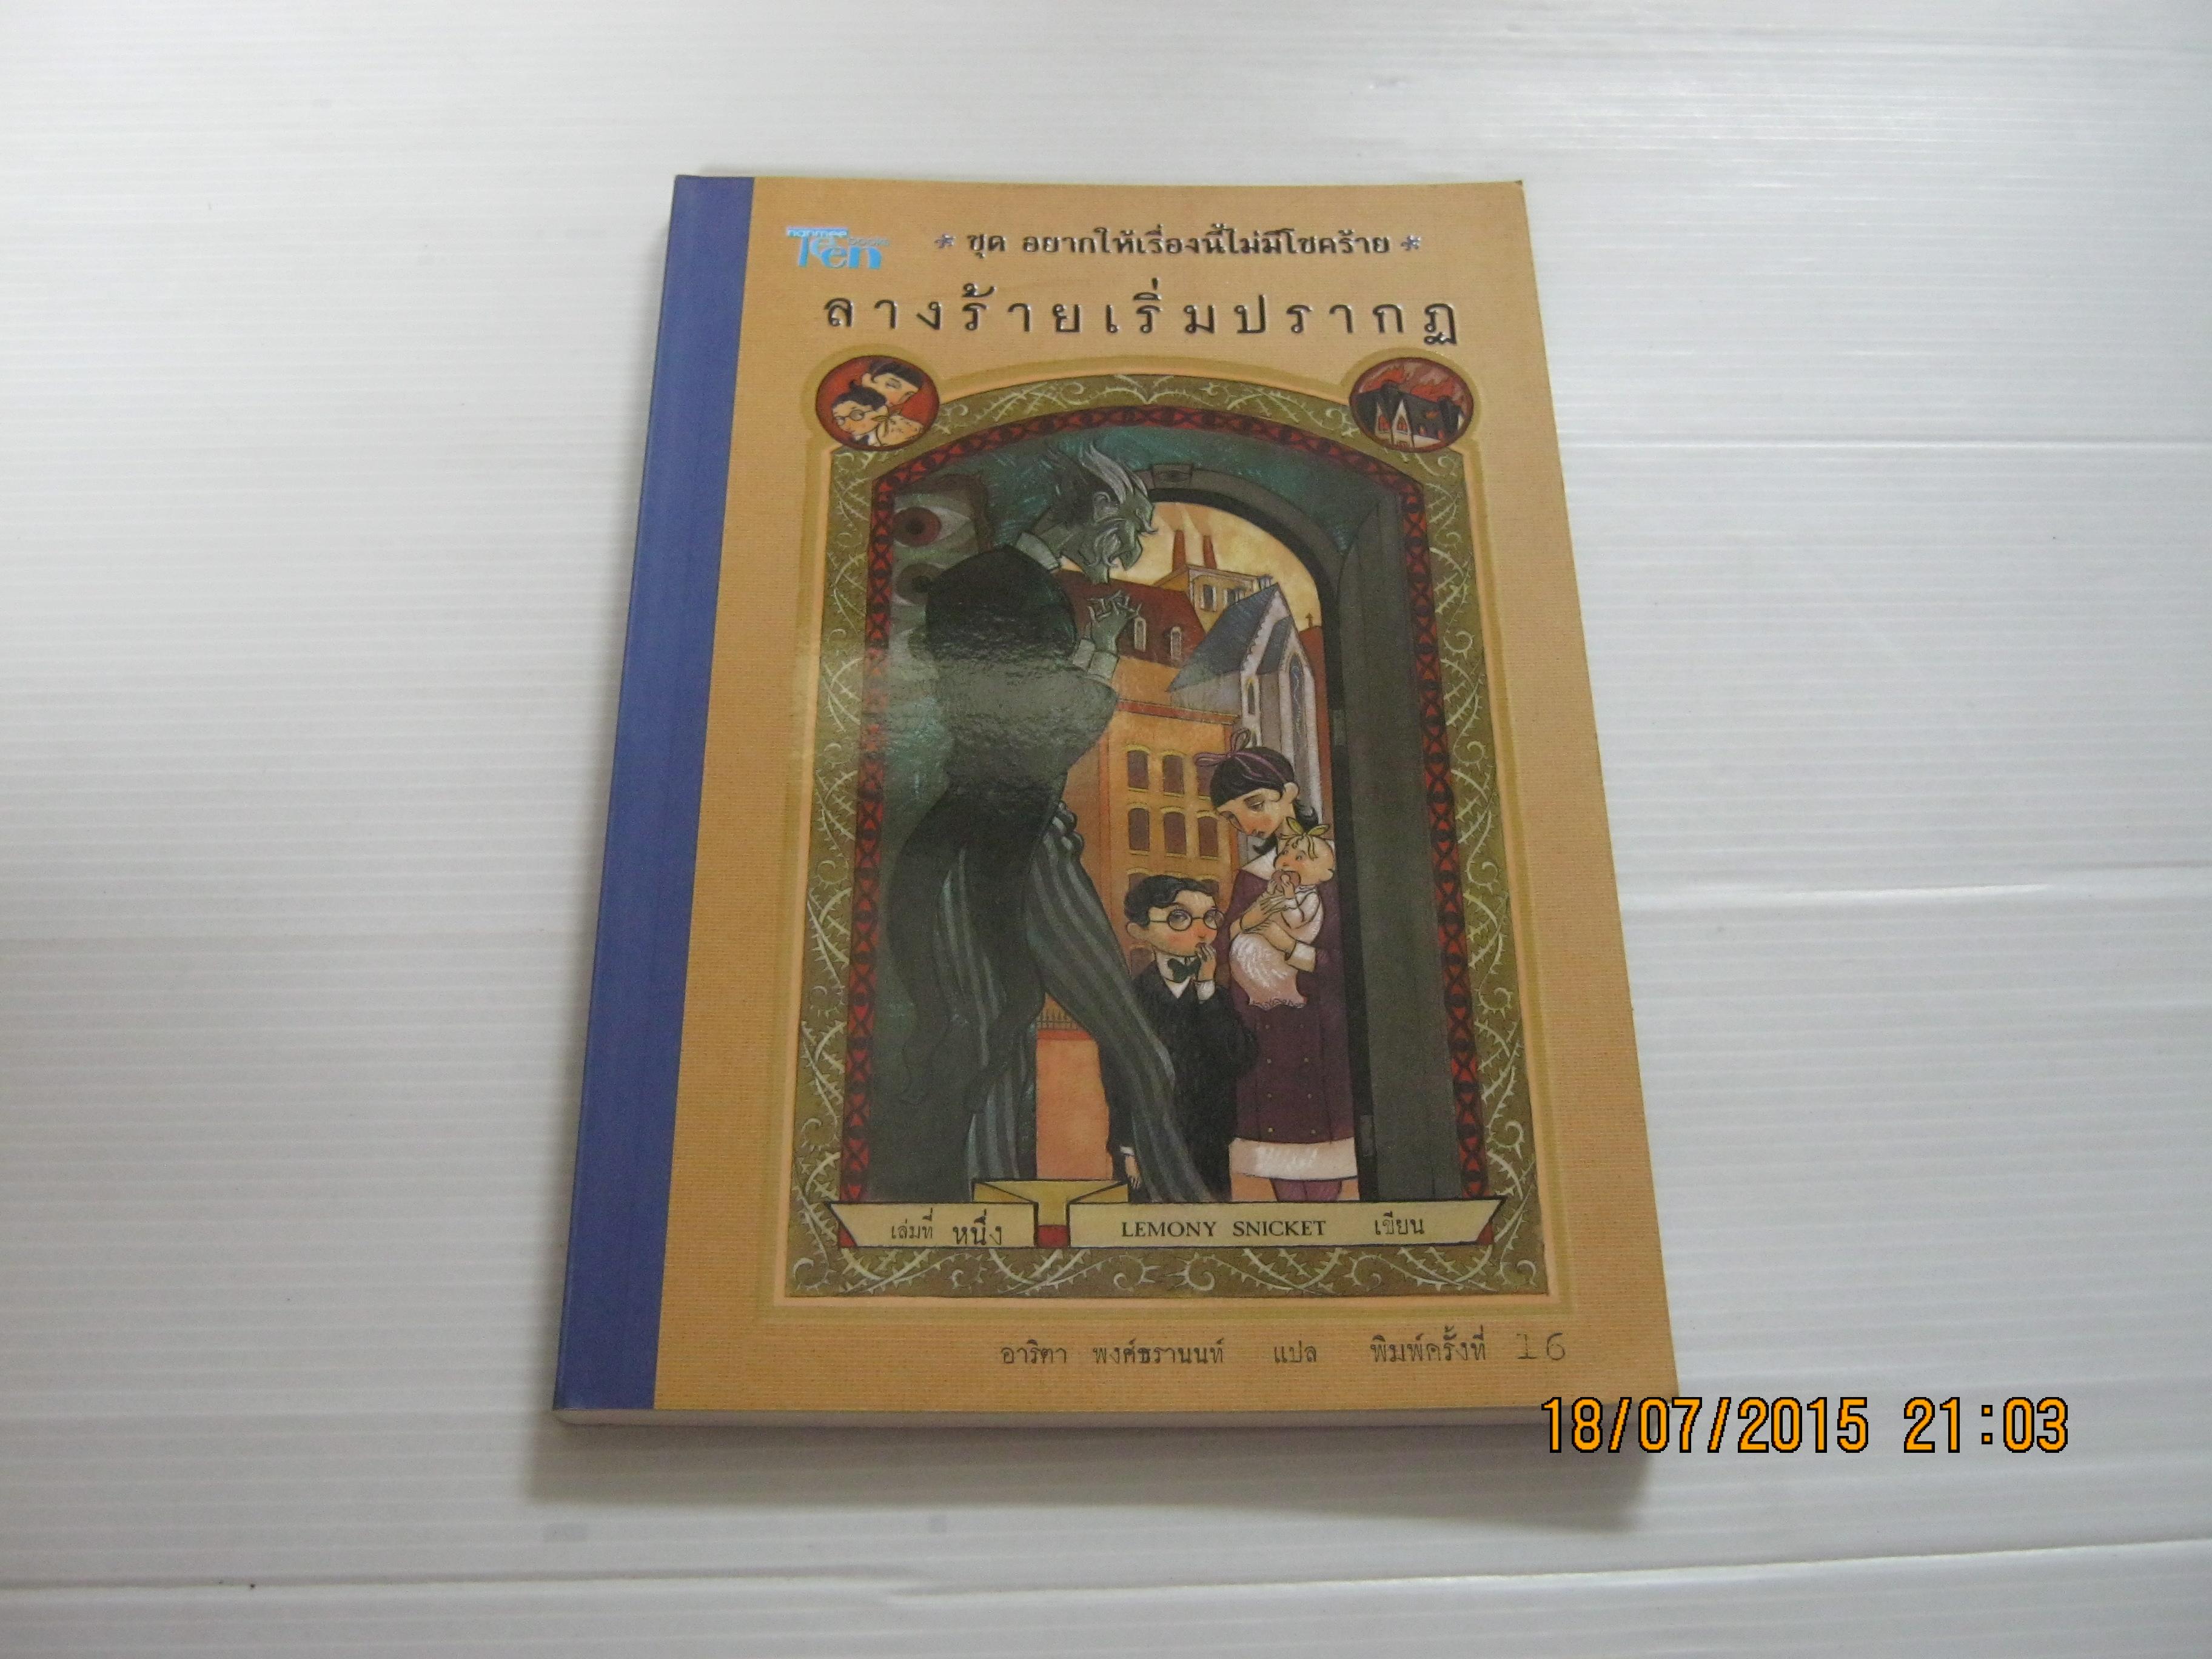 หนังสือชุด อยากให้เรื่องนี้ไม่มีโชคร้าย เล่มที่ 1 ตอน ลางร้ายเริ่มปรากฏ พิมพ์ครั้งที่ 6 Lemony Snicket เขียน อาริตา พงศ์ธรานนท์ แปล